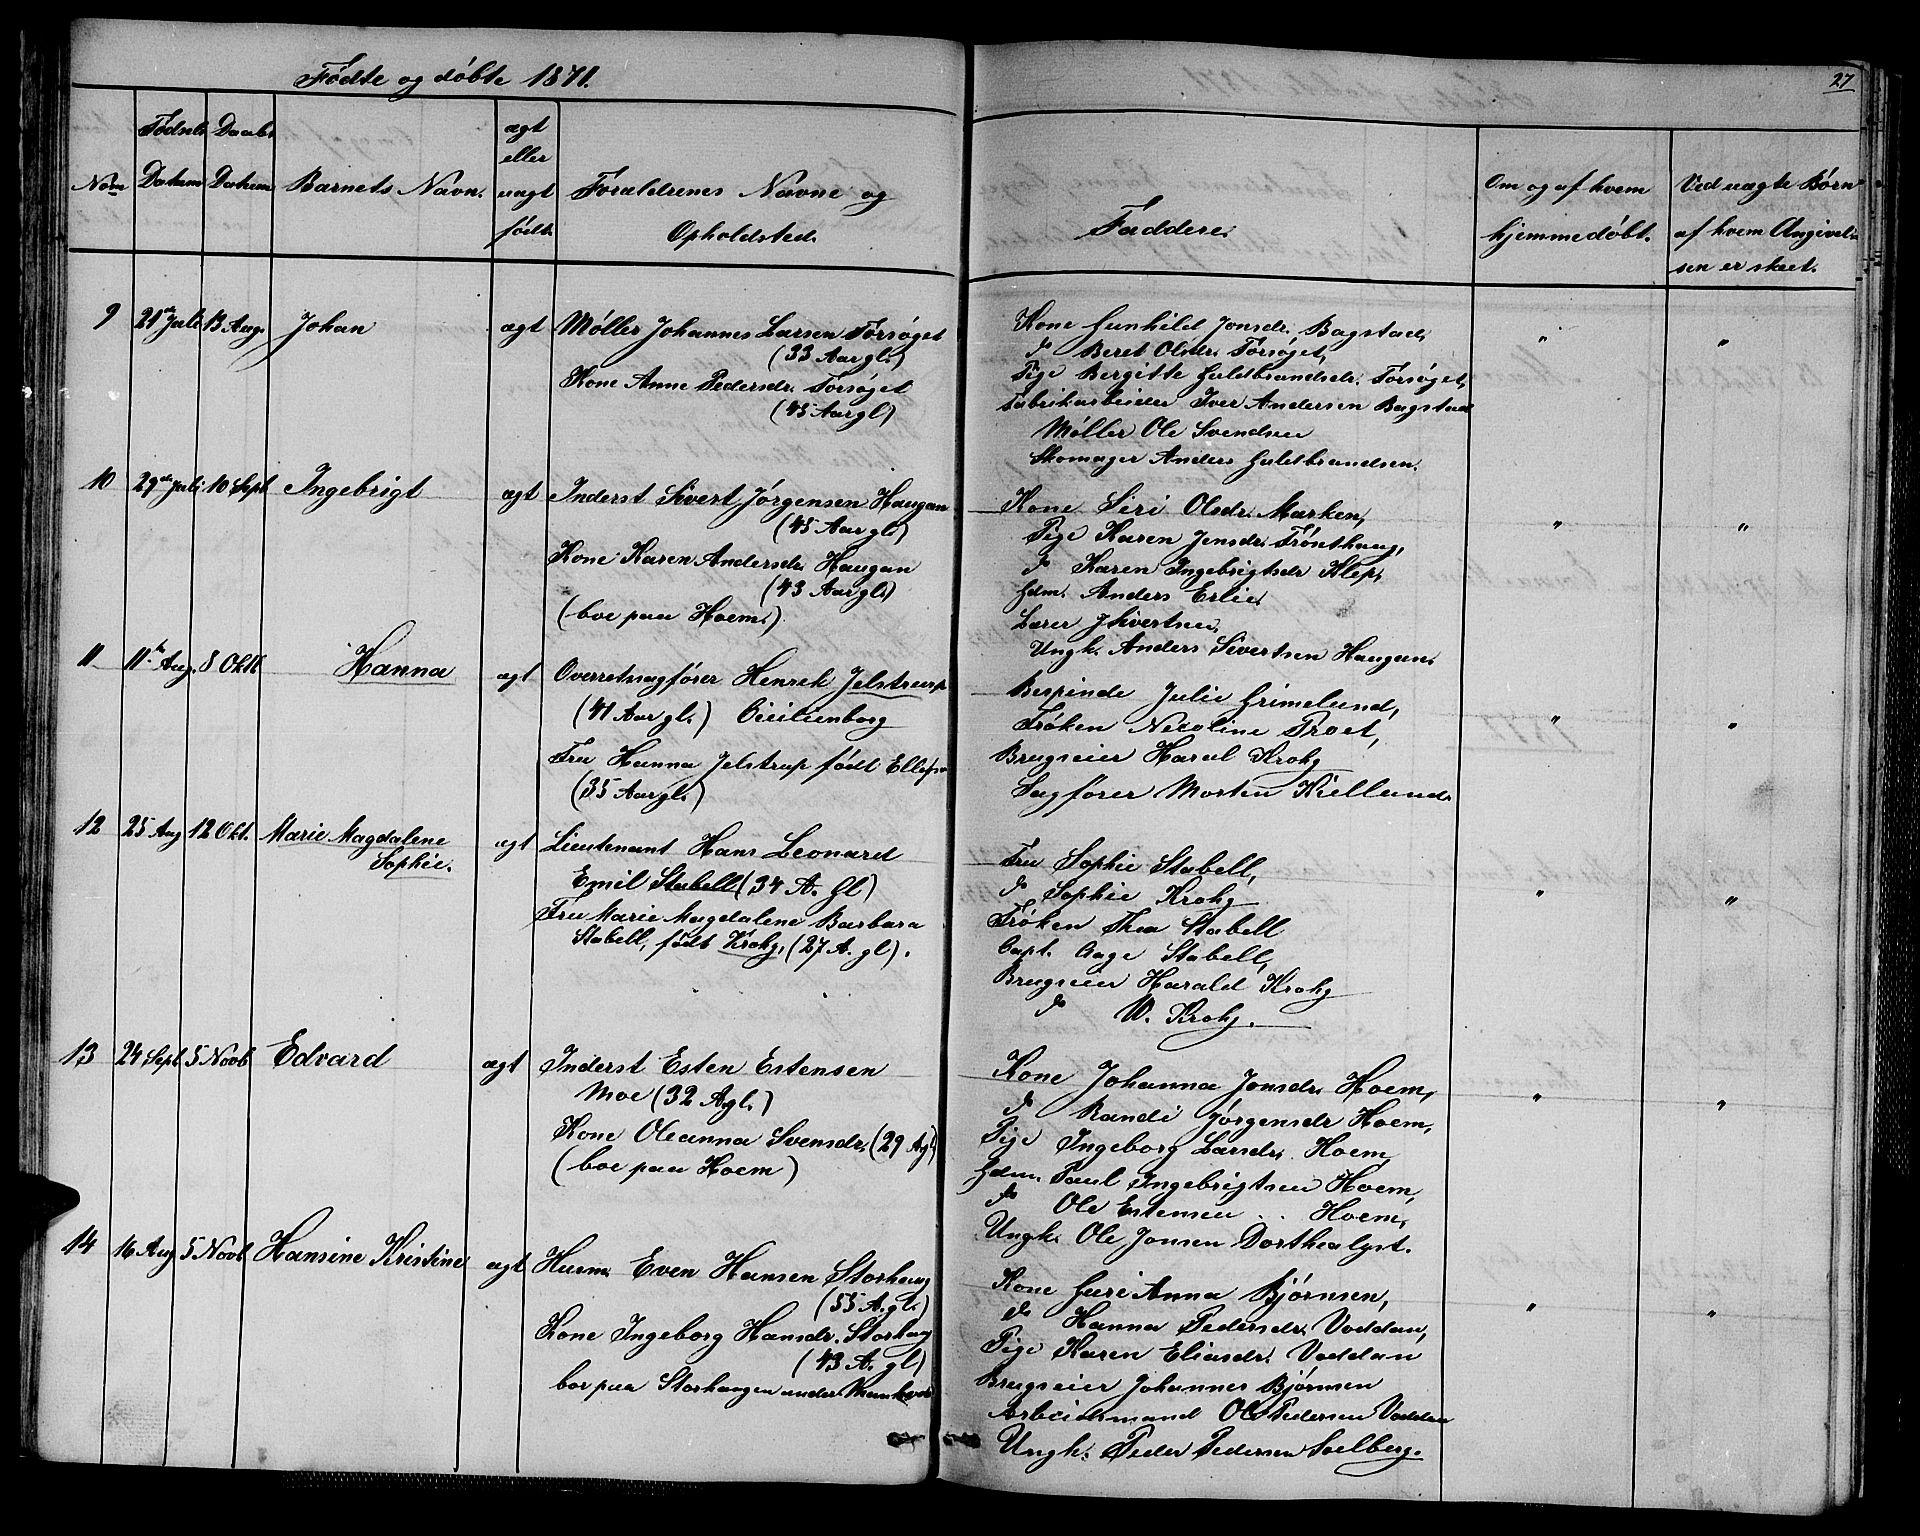 SAT, Ministerialprotokoller, klokkerbøker og fødselsregistre - Sør-Trøndelag, 611/L0353: Klokkerbok nr. 611C01, 1854-1881, s. 27